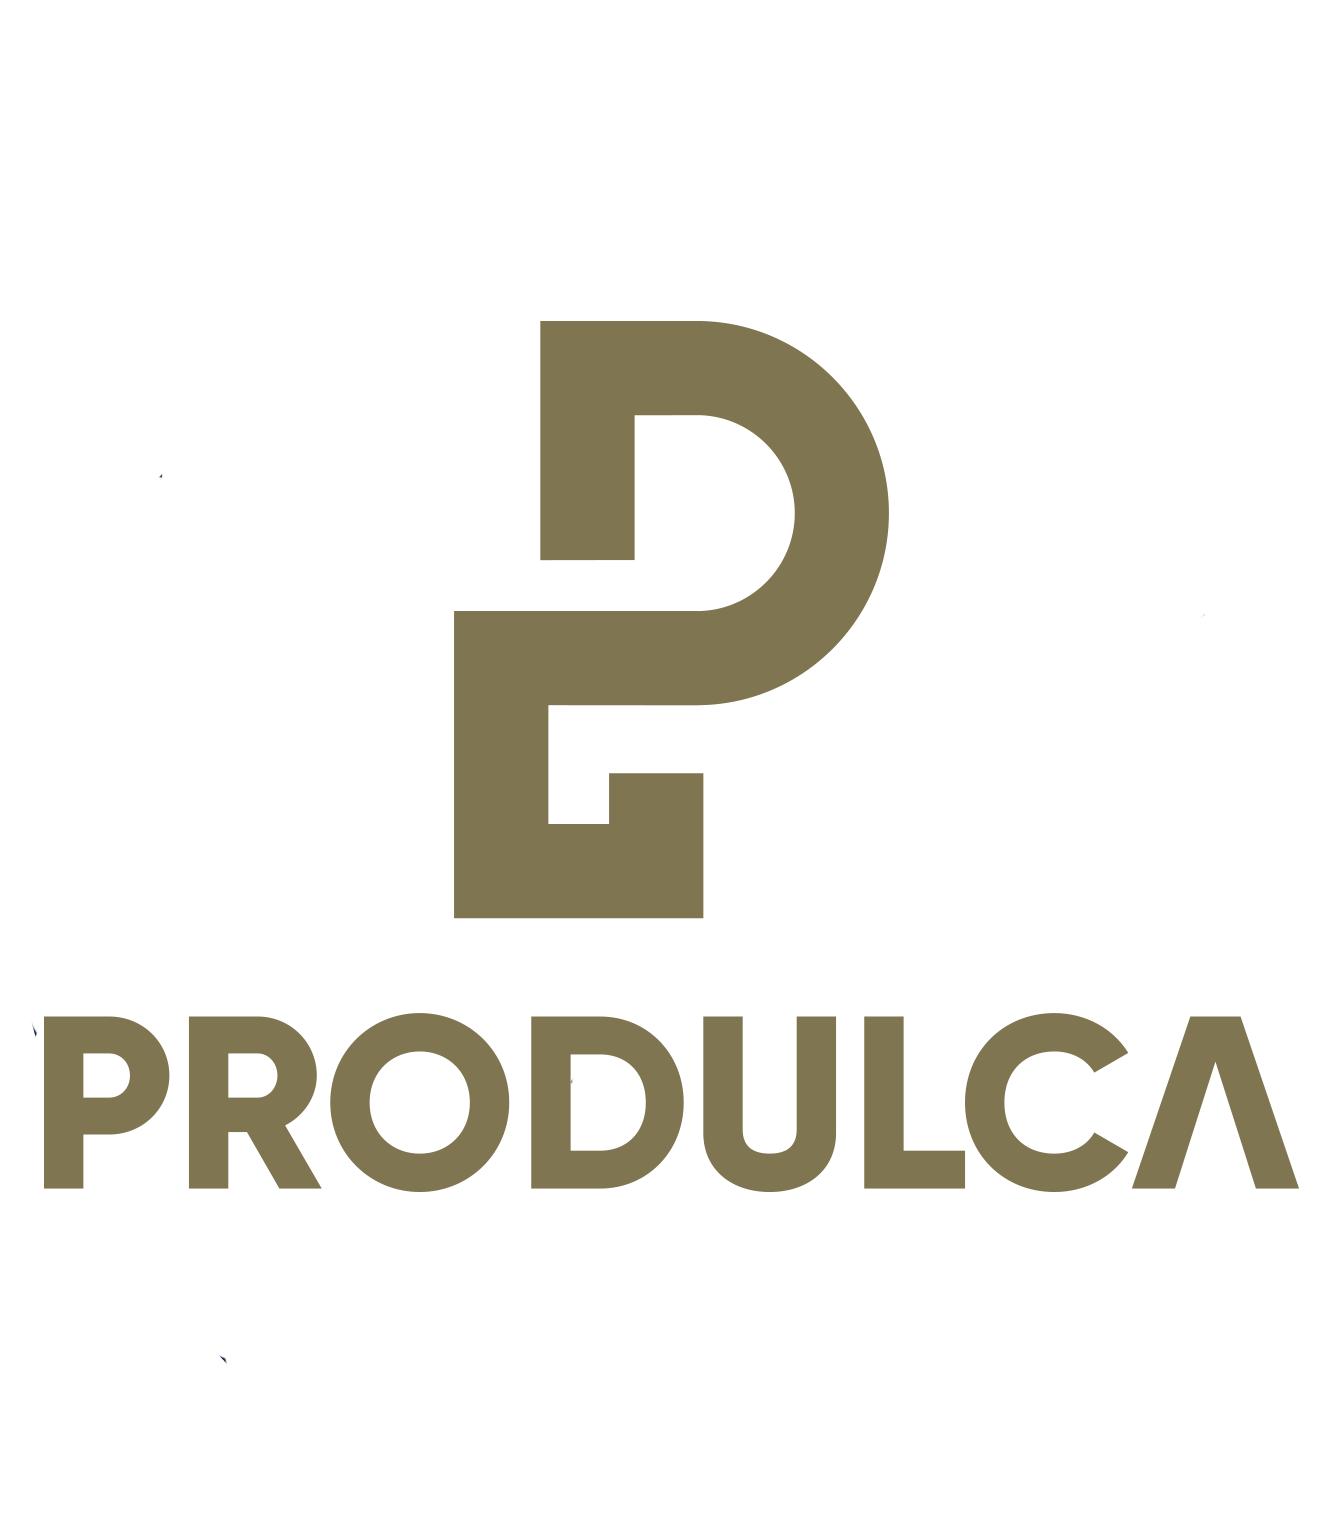 logo productos produlca